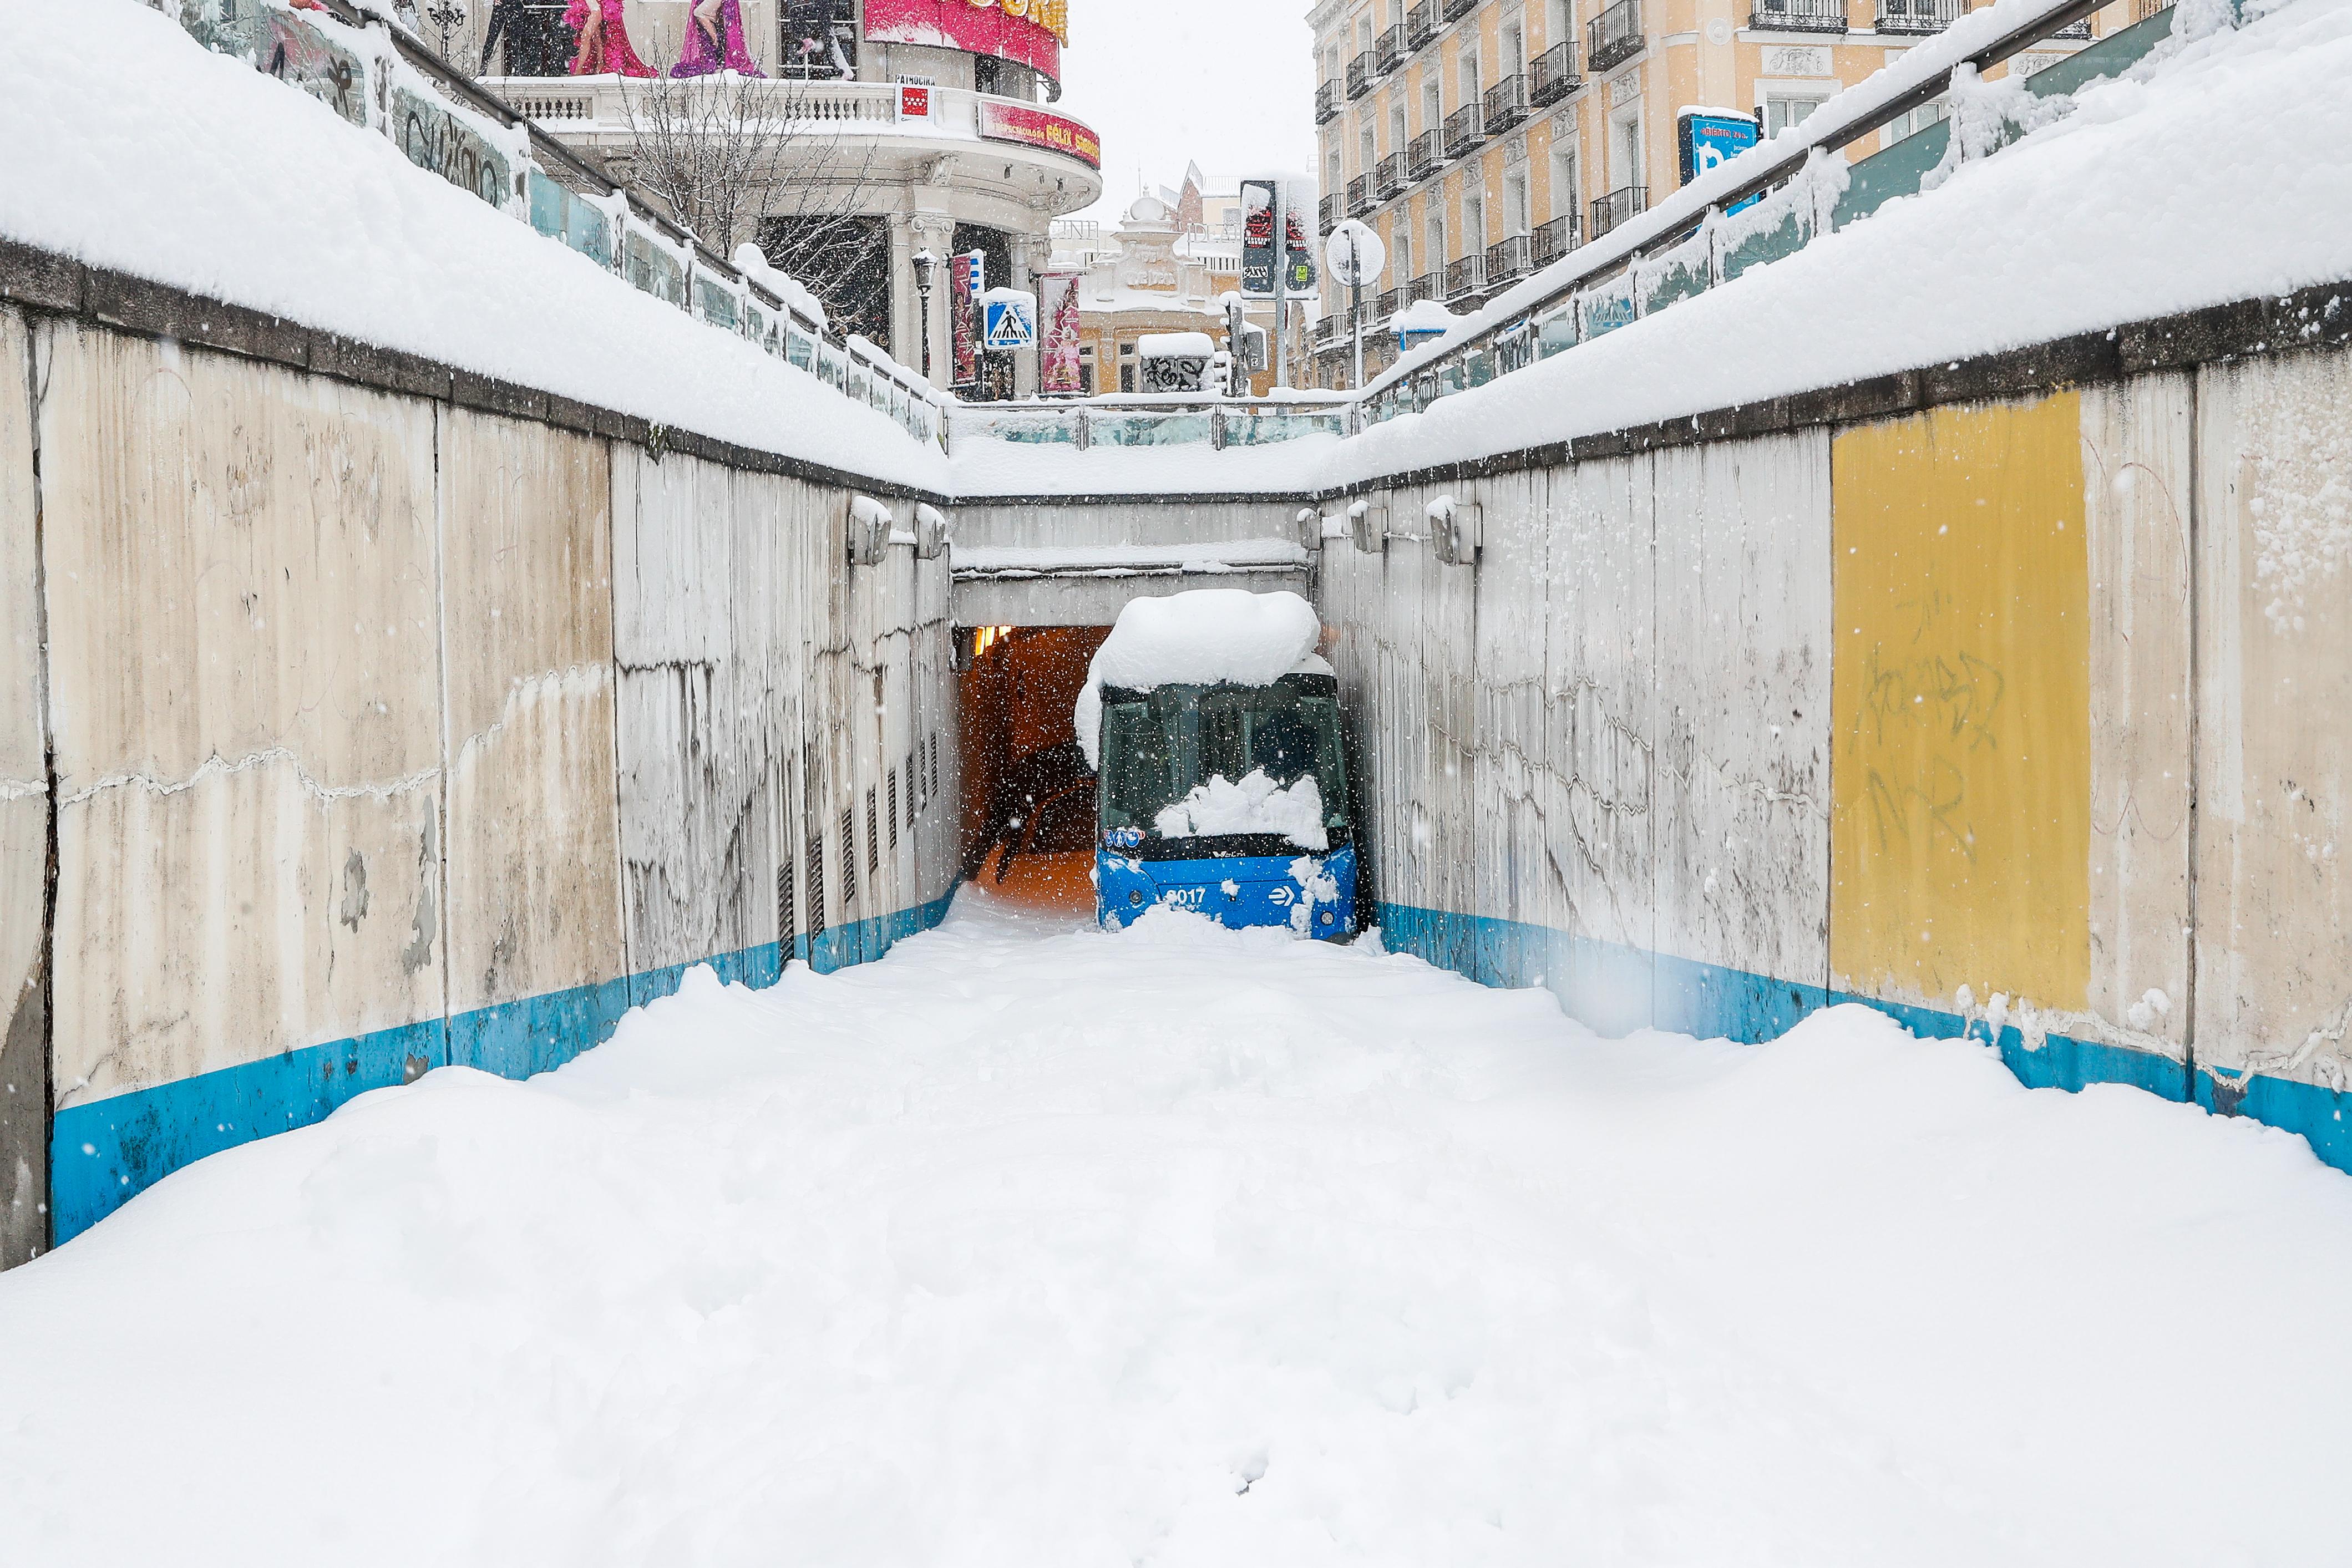 Autobús atrapado en un túnel del centro de Madrid, por Jacinto Benavente